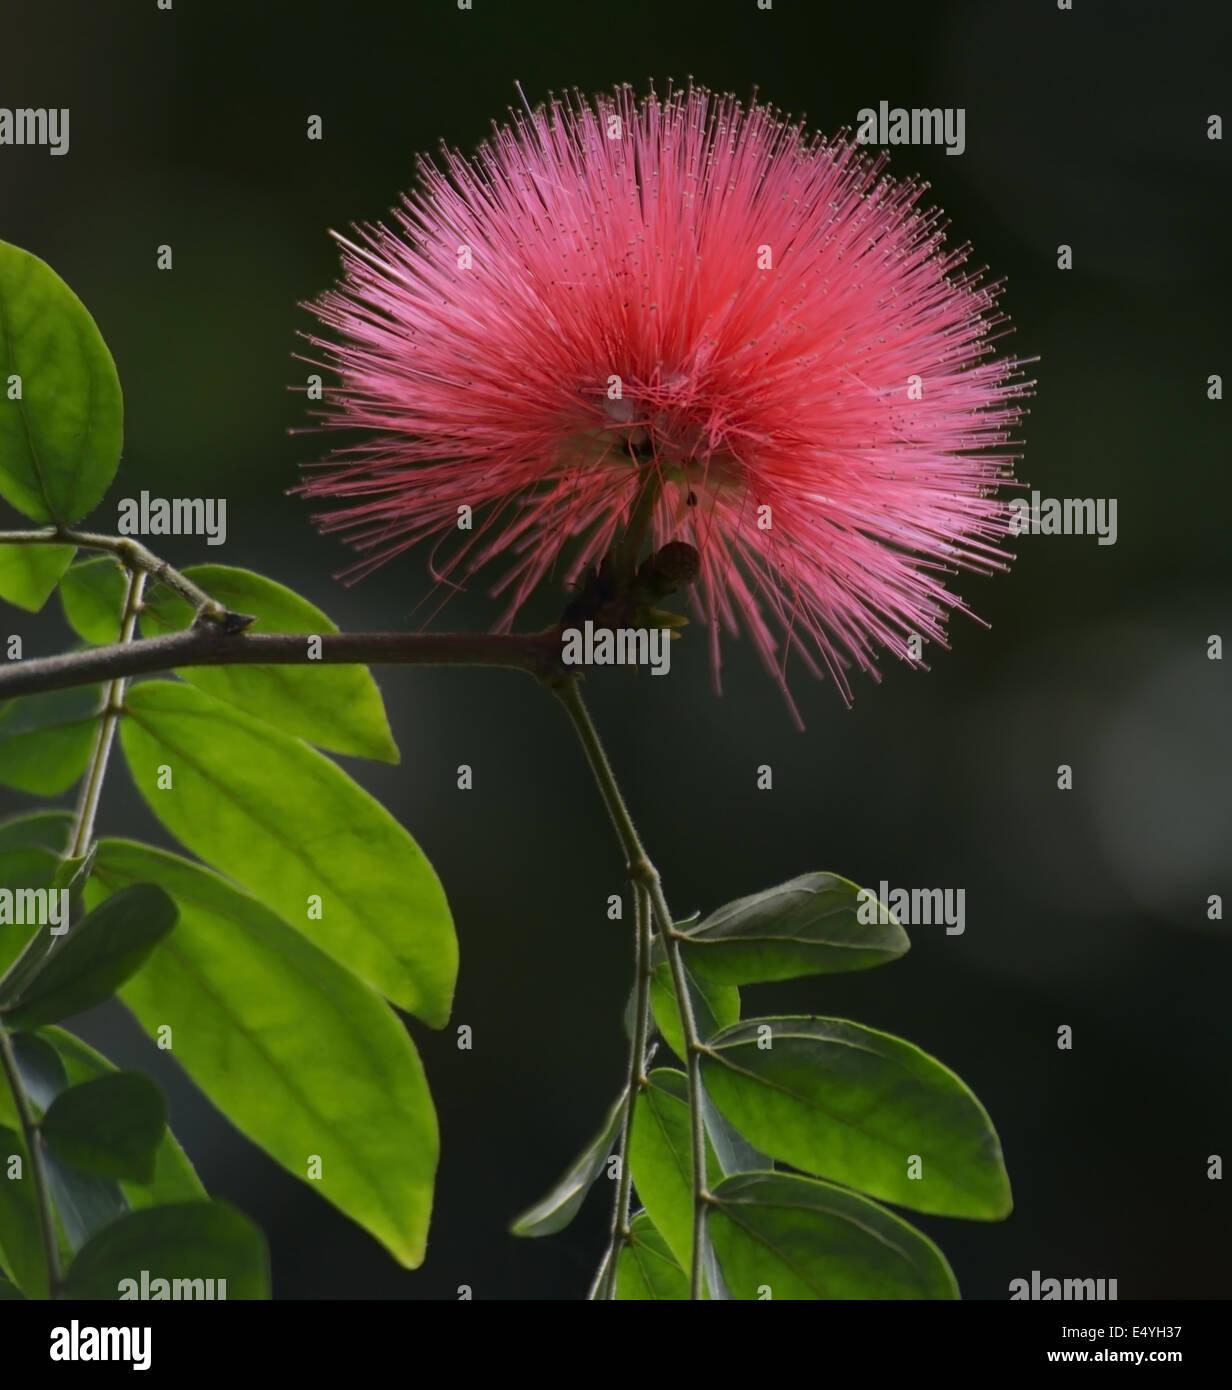 Silk tree flower stock photos silk tree flower stock images alamy silk tree flower stock image mightylinksfo